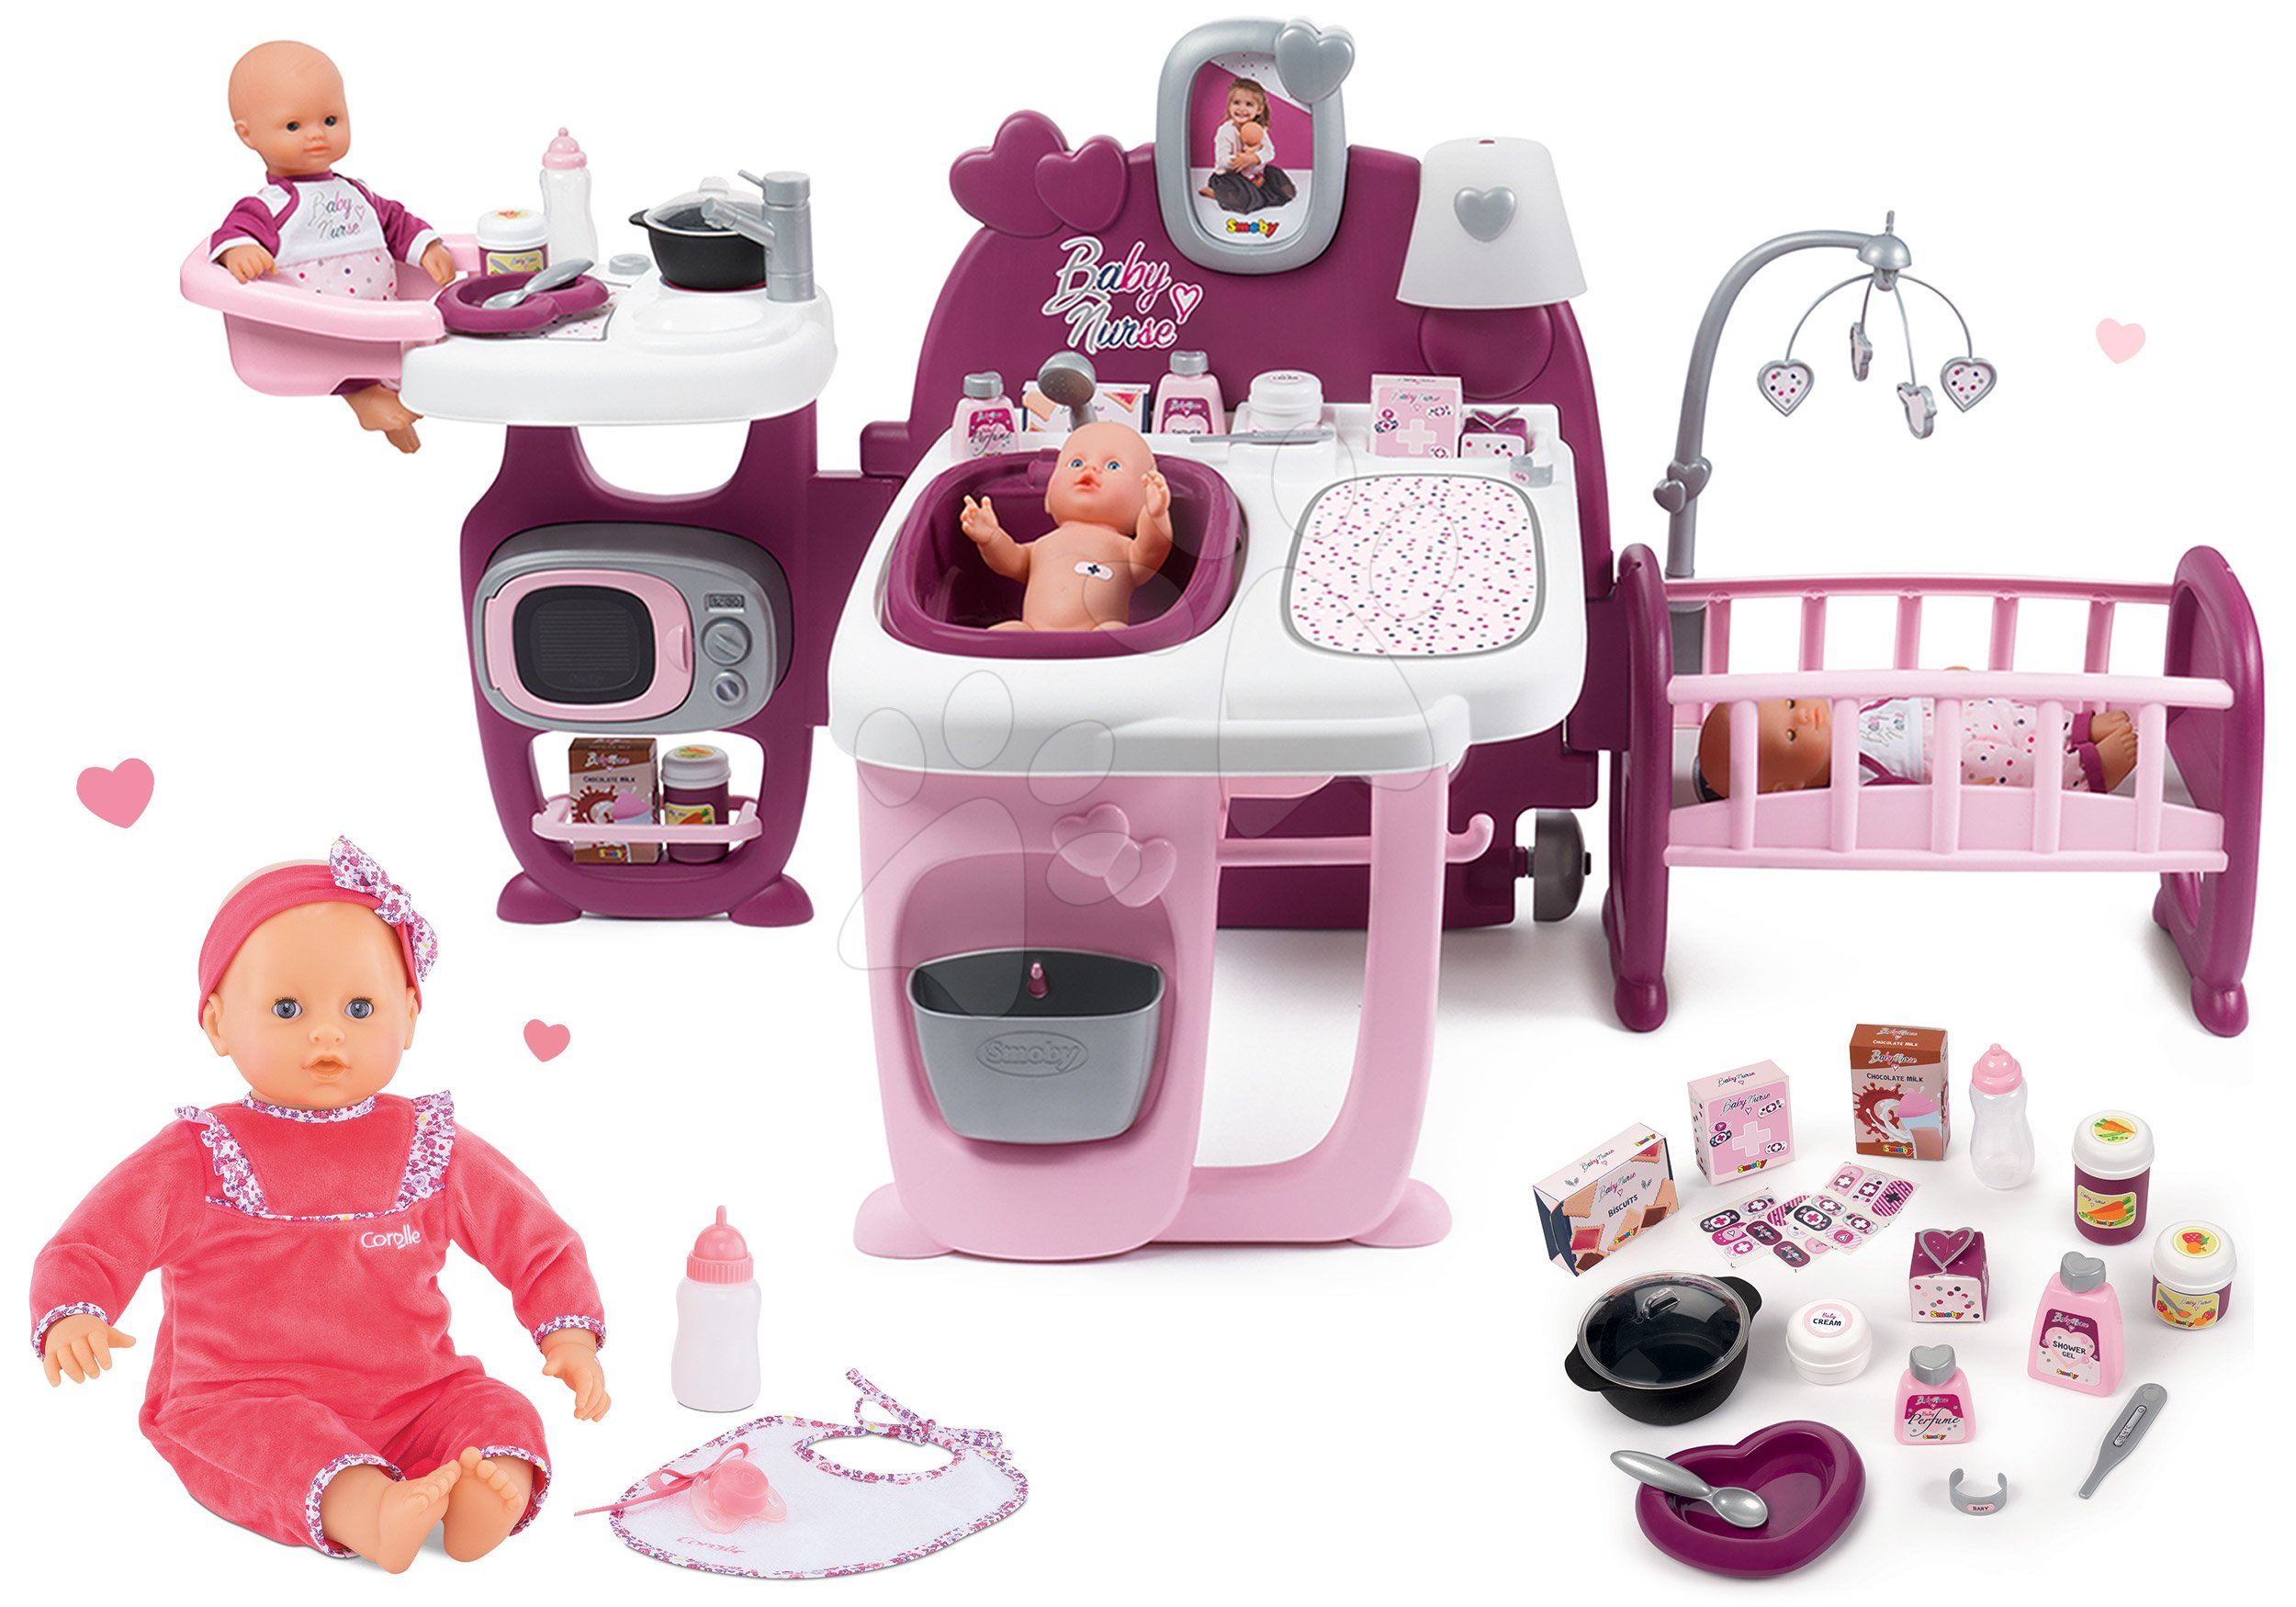 Set domeček pro panenku Violette Baby Nurse Large Doll's Play Center Smoby a panenka Lila Chérie Mon Grand 42 cm se zvuky, 5 funkcemi